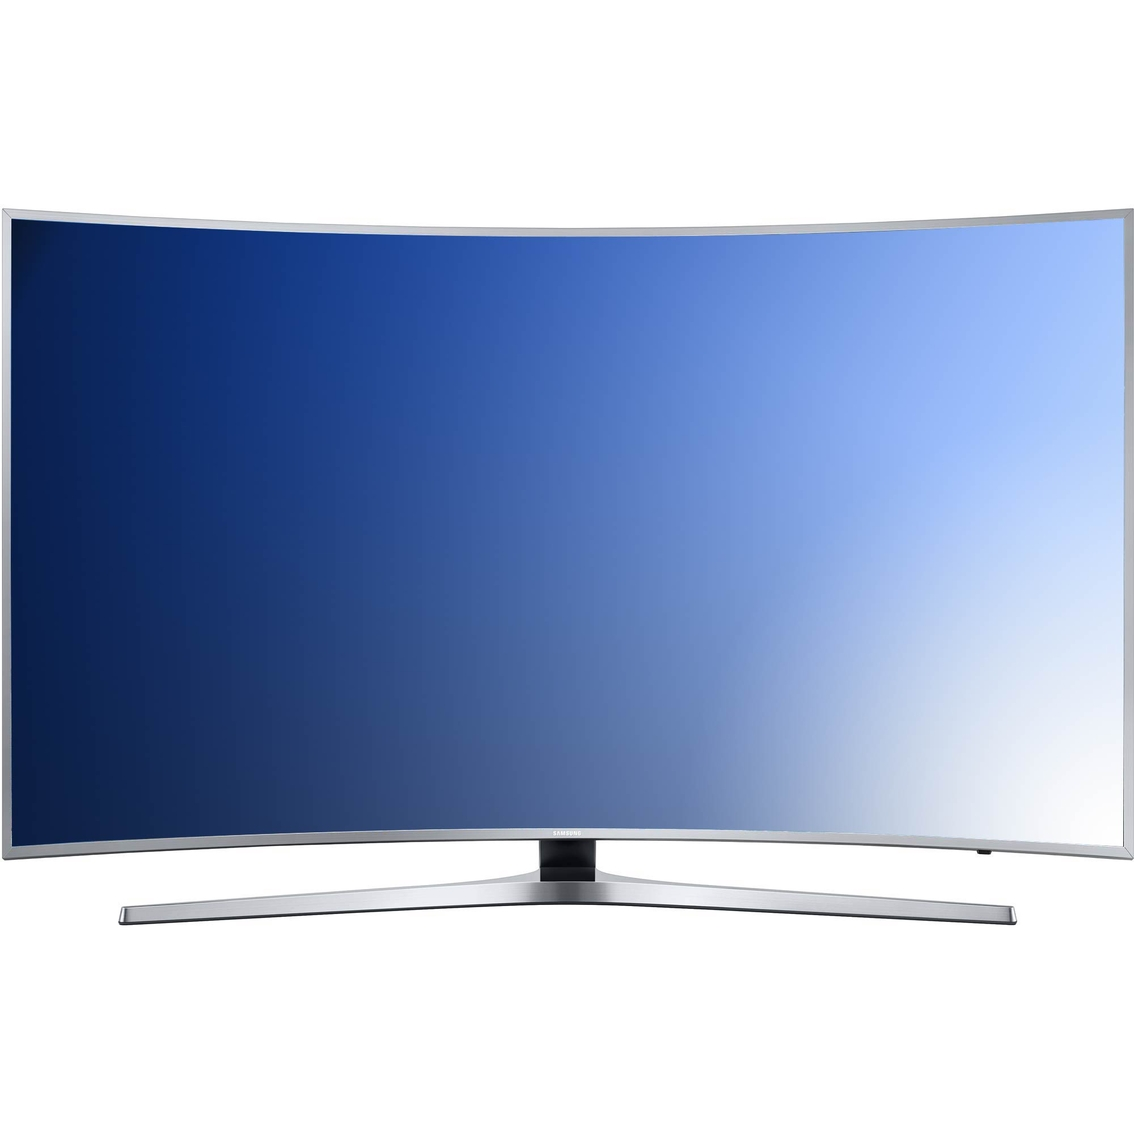 samsung 55 in curved 4k hdr motion rate 120 smart tv. Black Bedroom Furniture Sets. Home Design Ideas